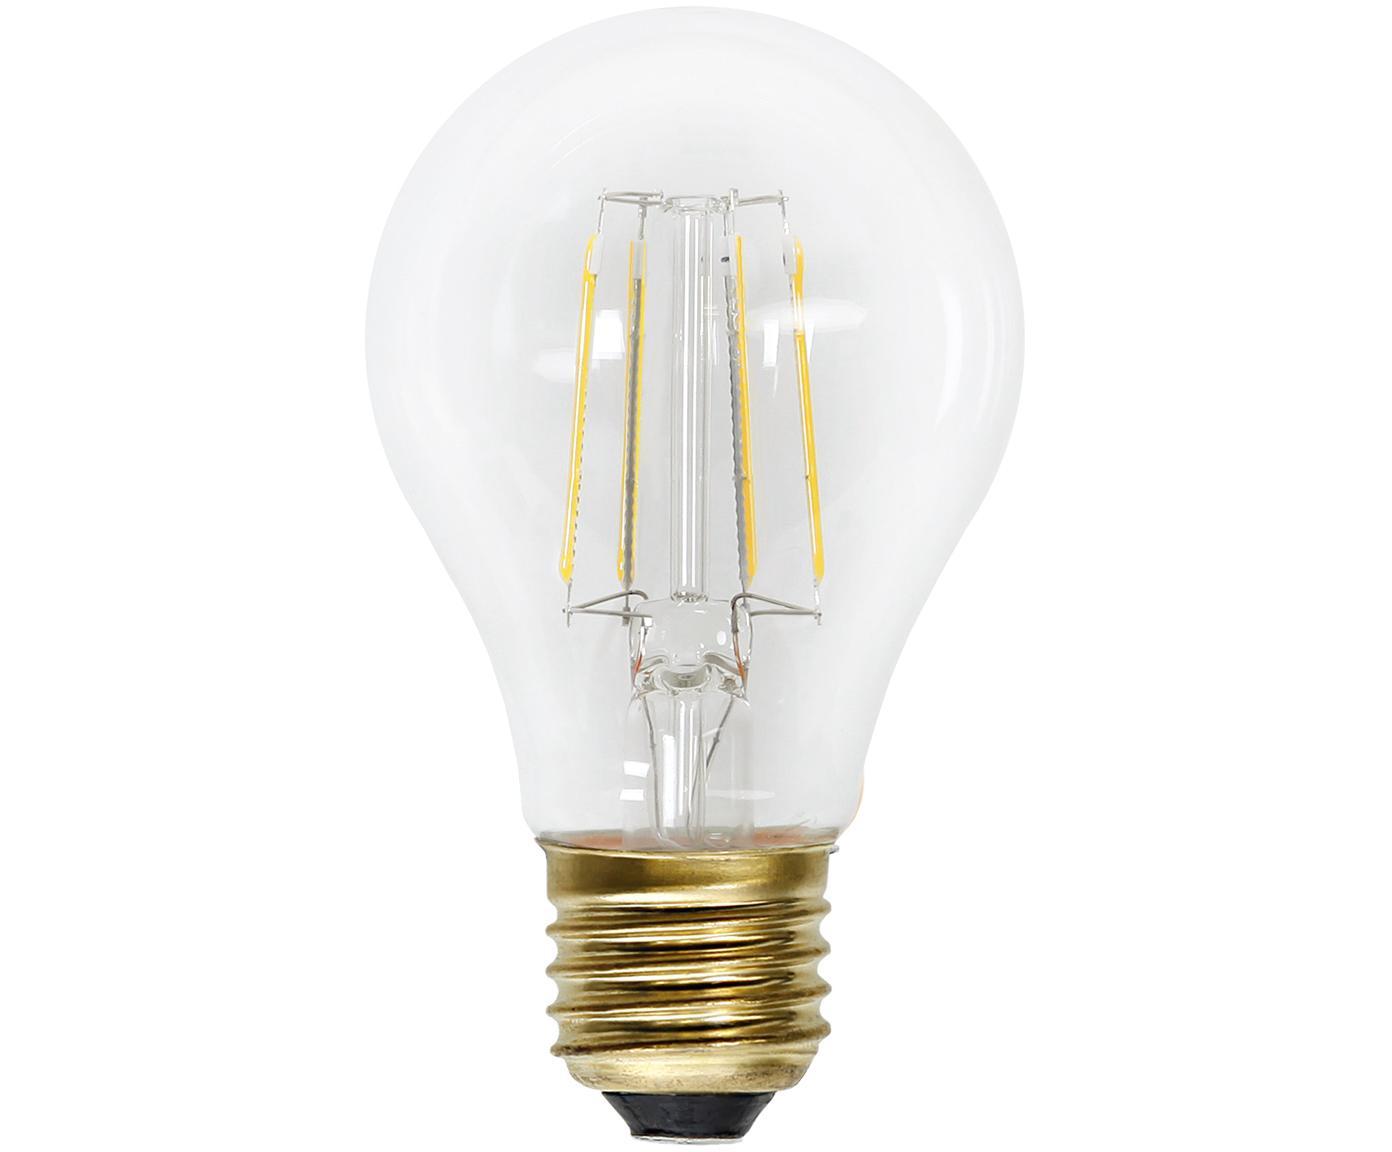 Bombilla LED Airtight Four (E27/2,3W), Ampolla: vidrio, Casquillo: Latón, Transparente, latón, Ø 6 x Al 11 cm